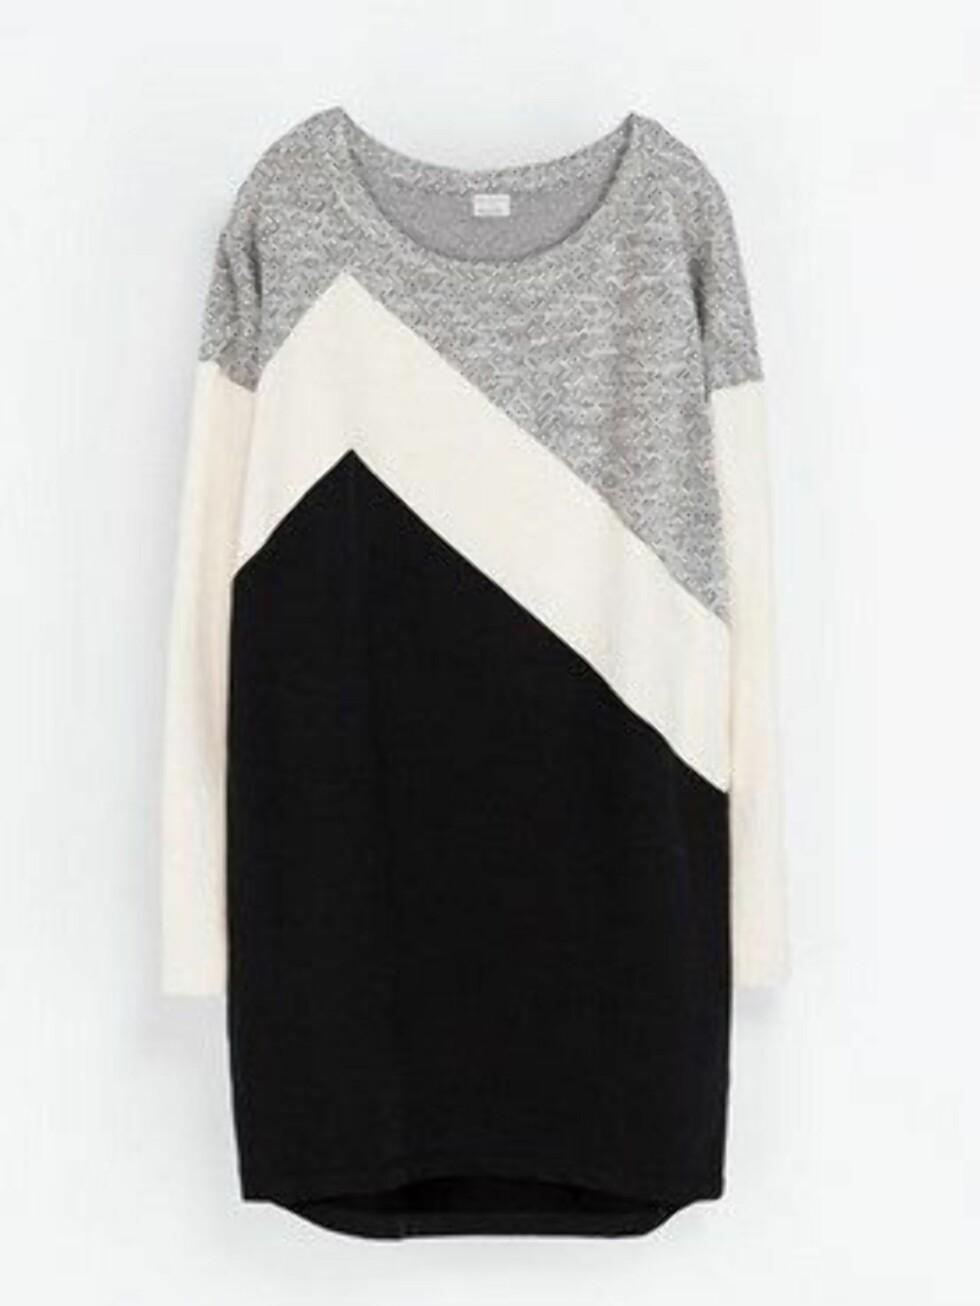 Kul genserkjole som er perfekt til jobb. 399 kroner, Zara.no.  Foto: Produsenten